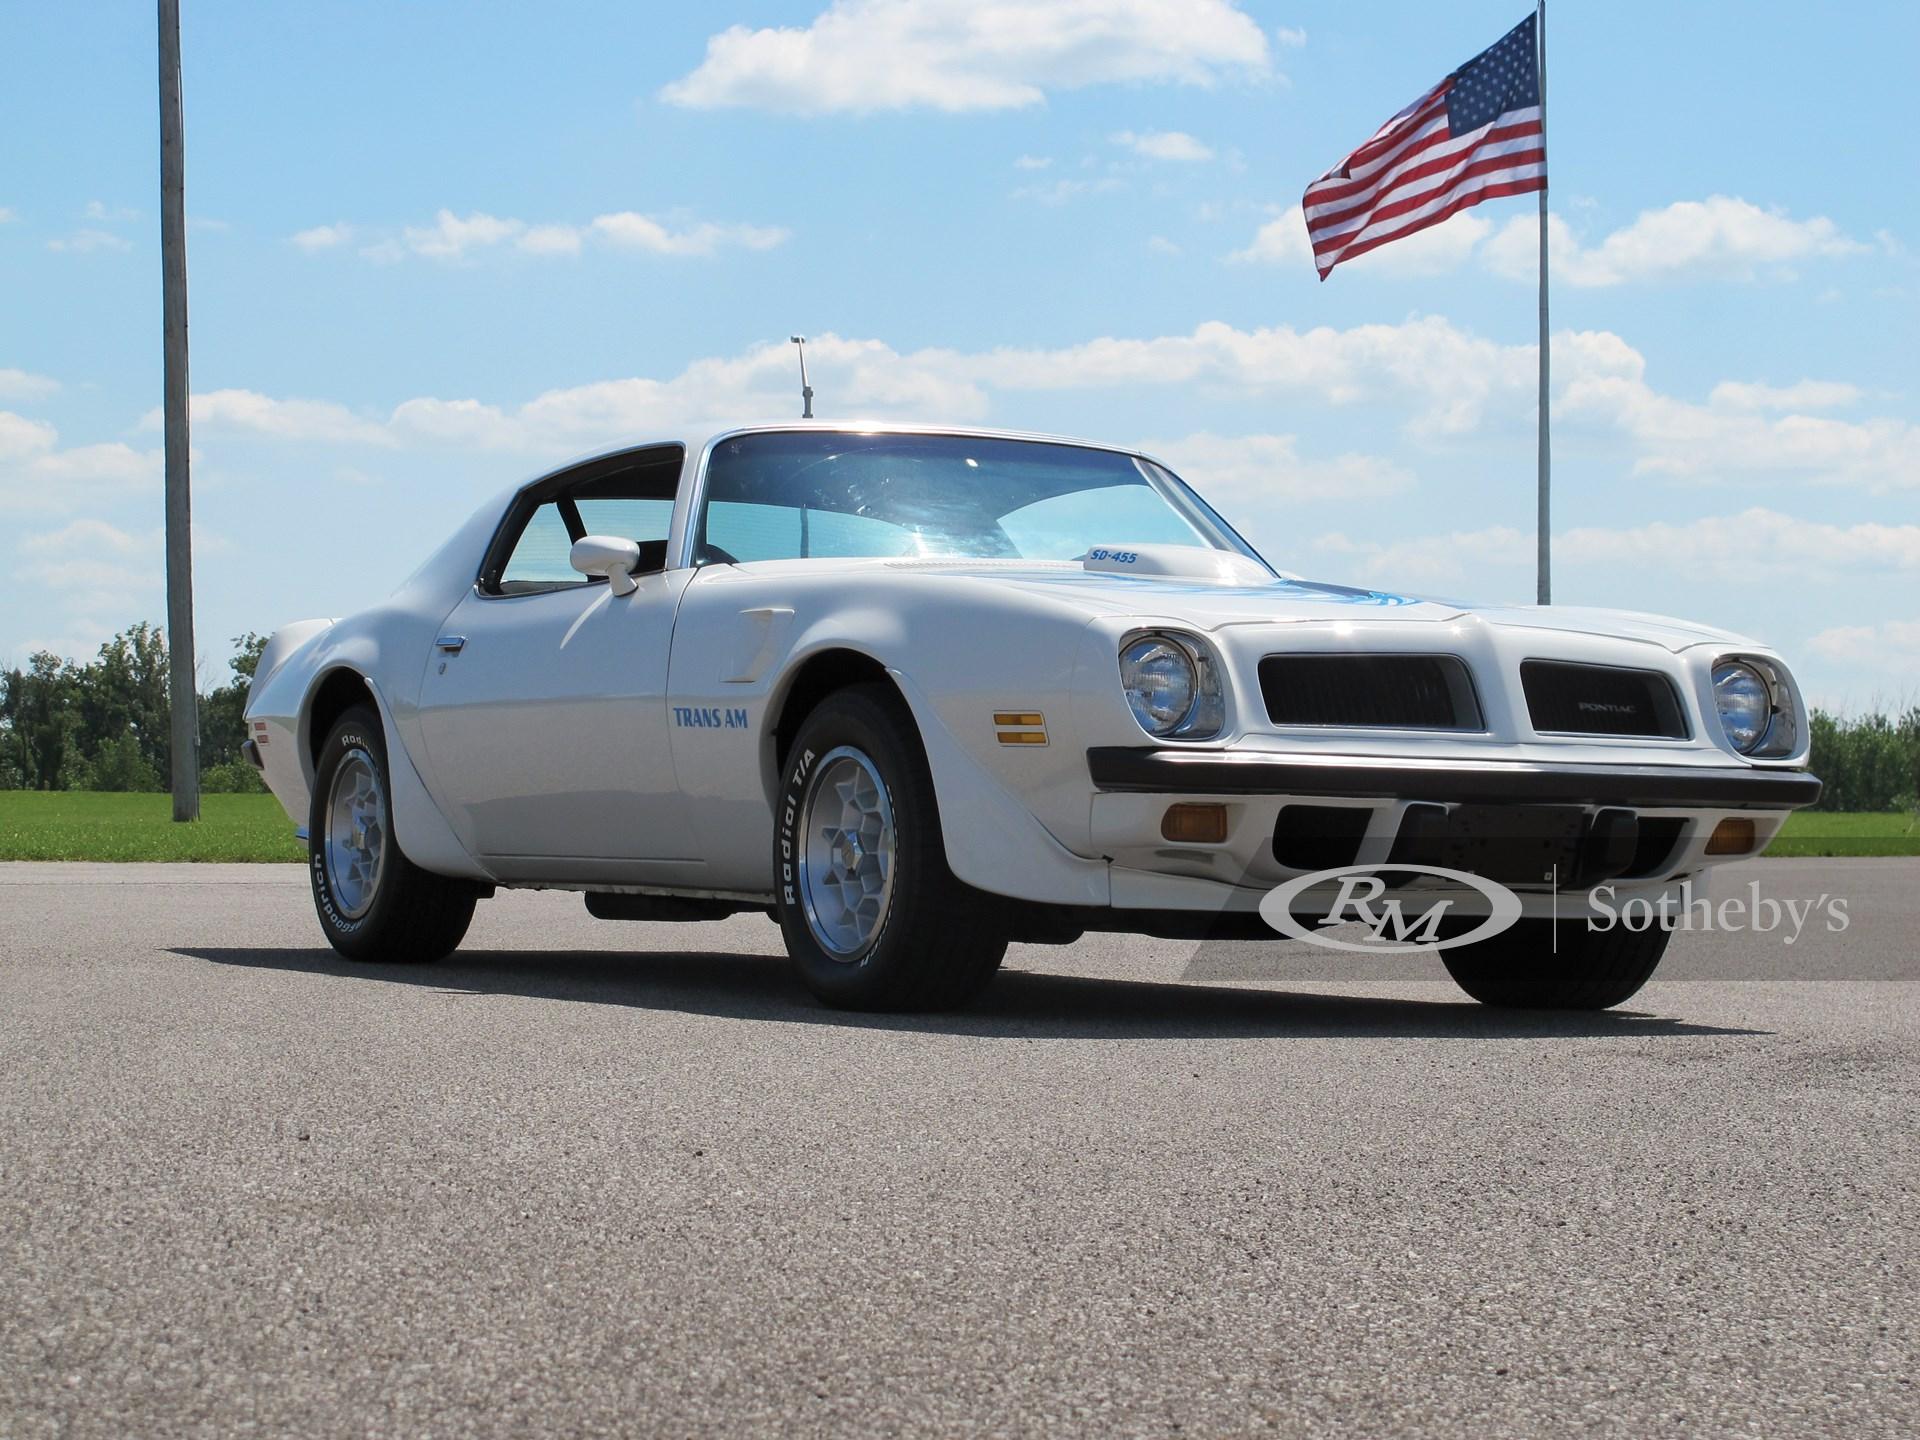 1974 Pontiac Trans Am SD 455